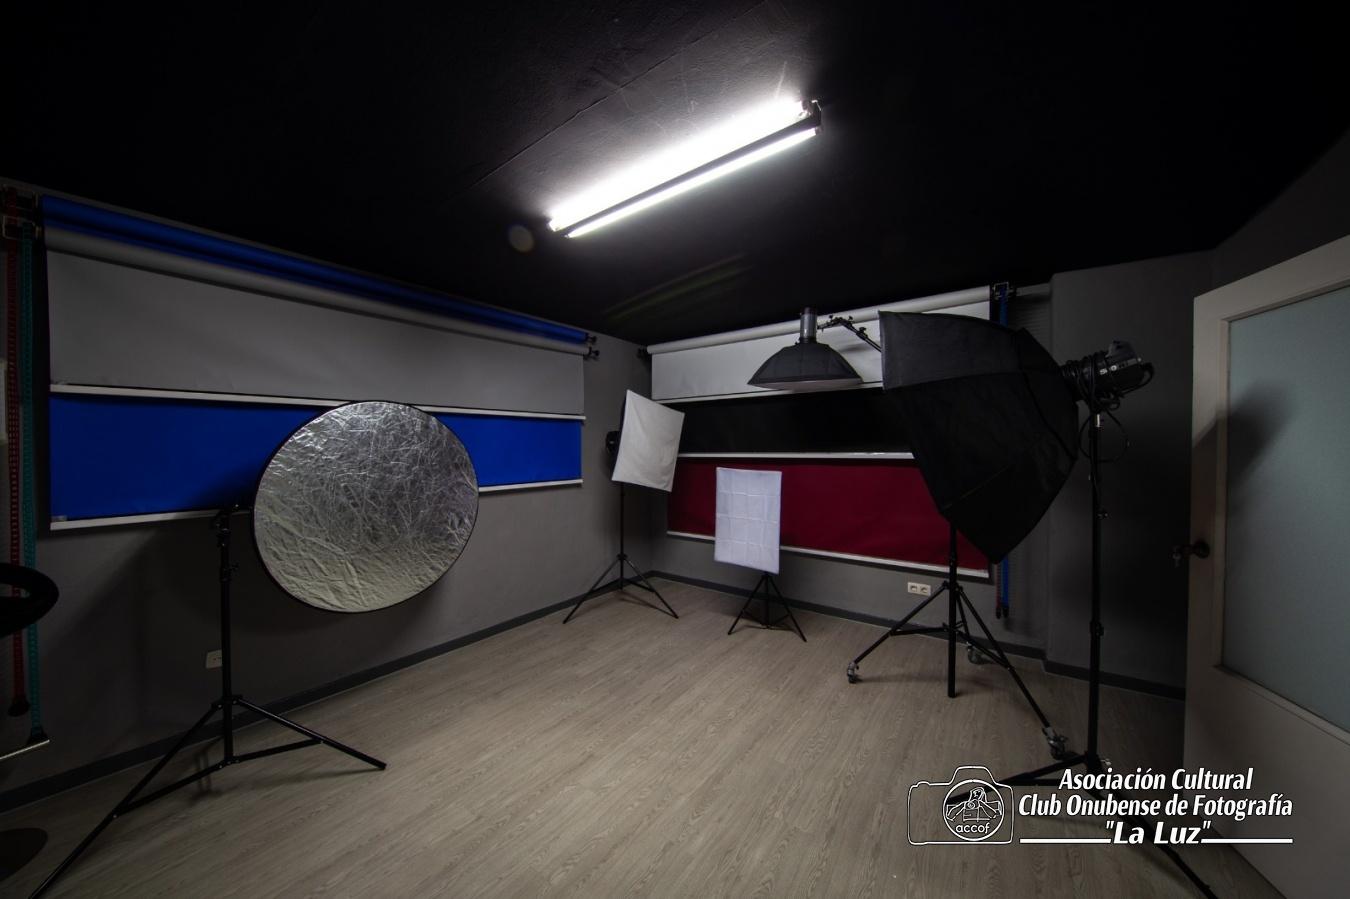 Estudio Fotográfico - ACCOF la Luz, Asociación Cultural Club Onubense de Fotografía la Luz